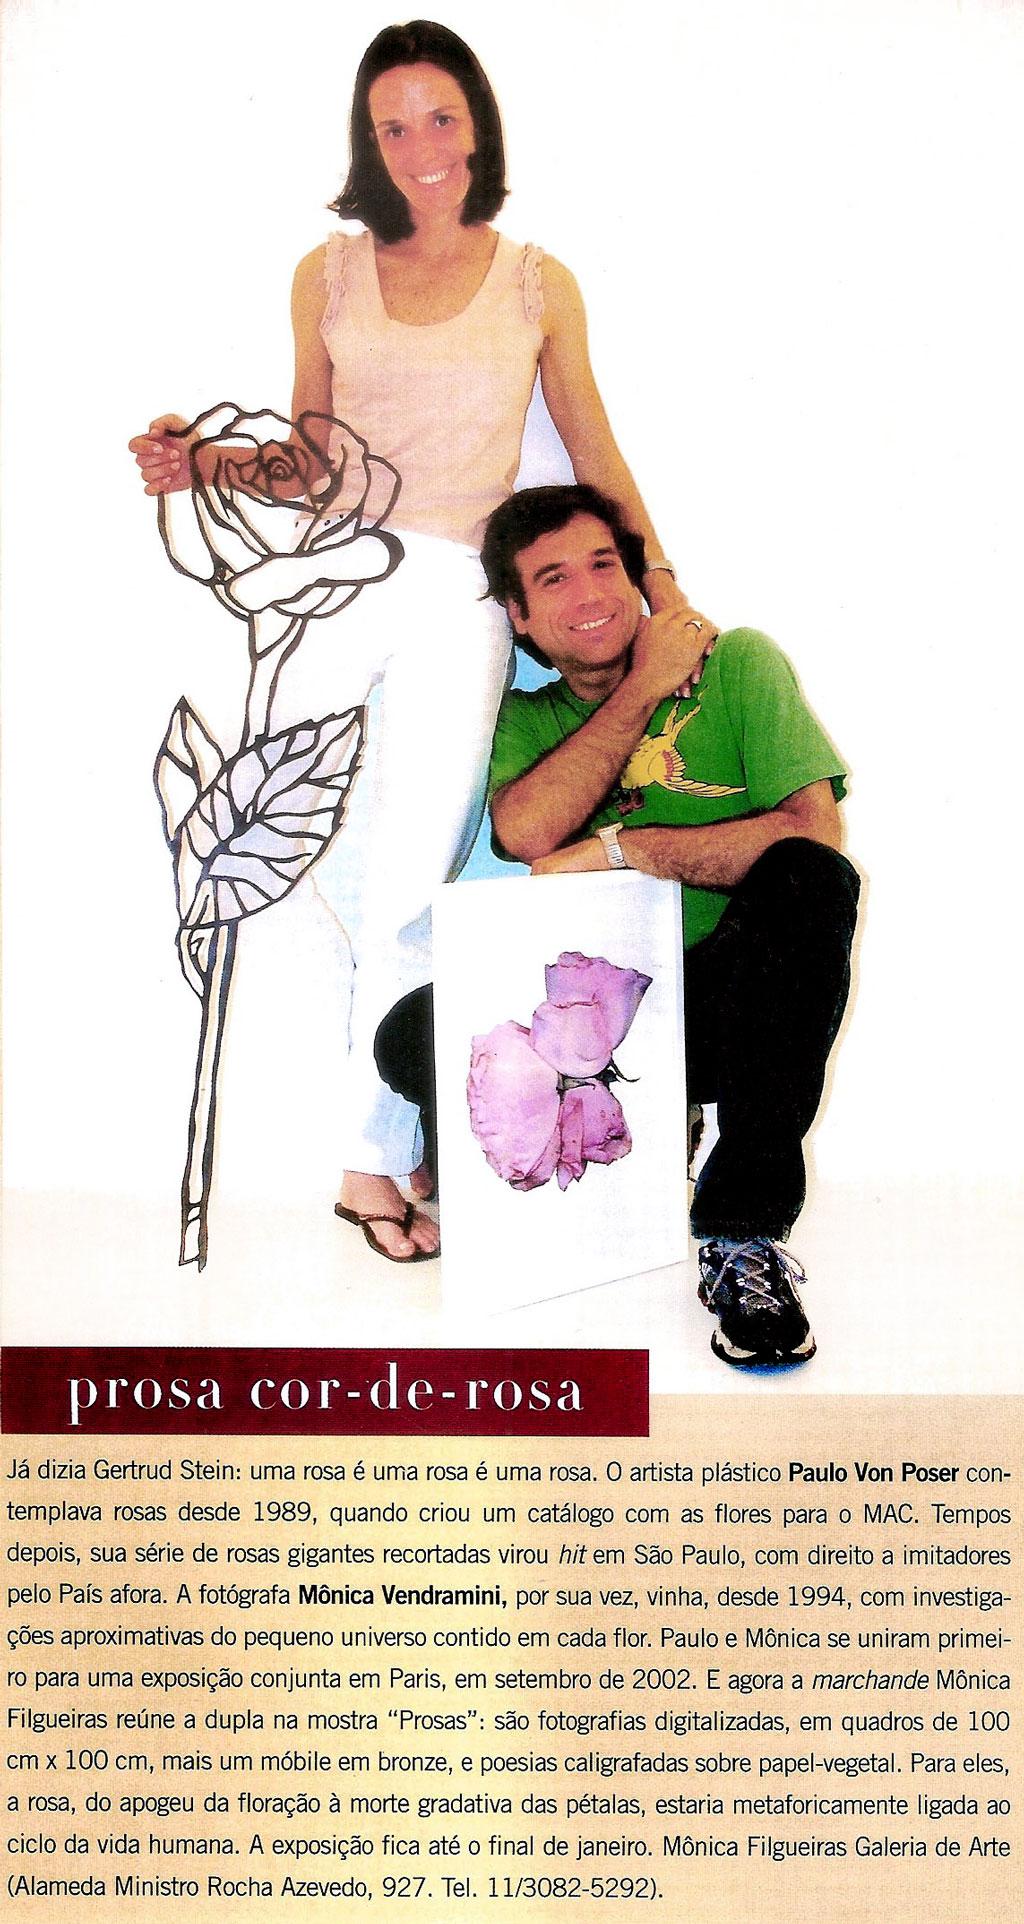 PROSAS 2003 (18)